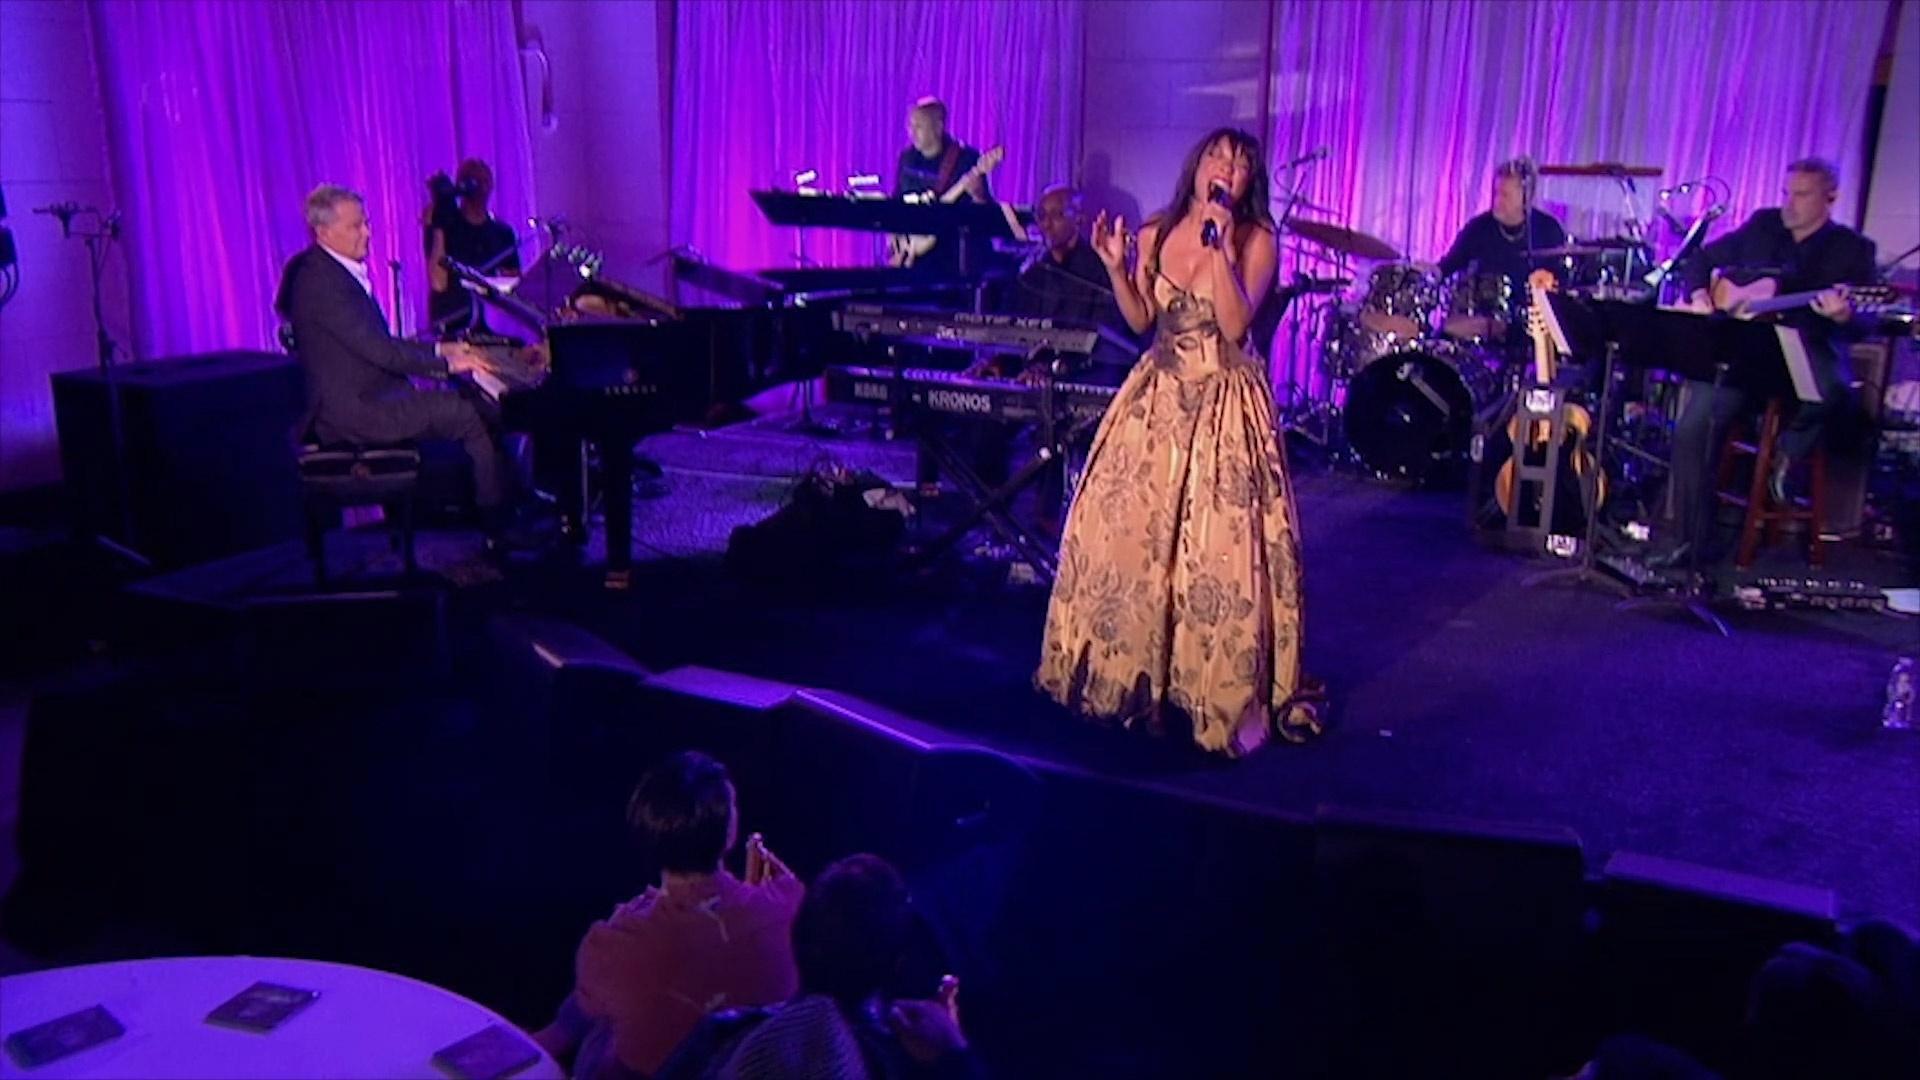 Quincy Jones Presents: Sheléa